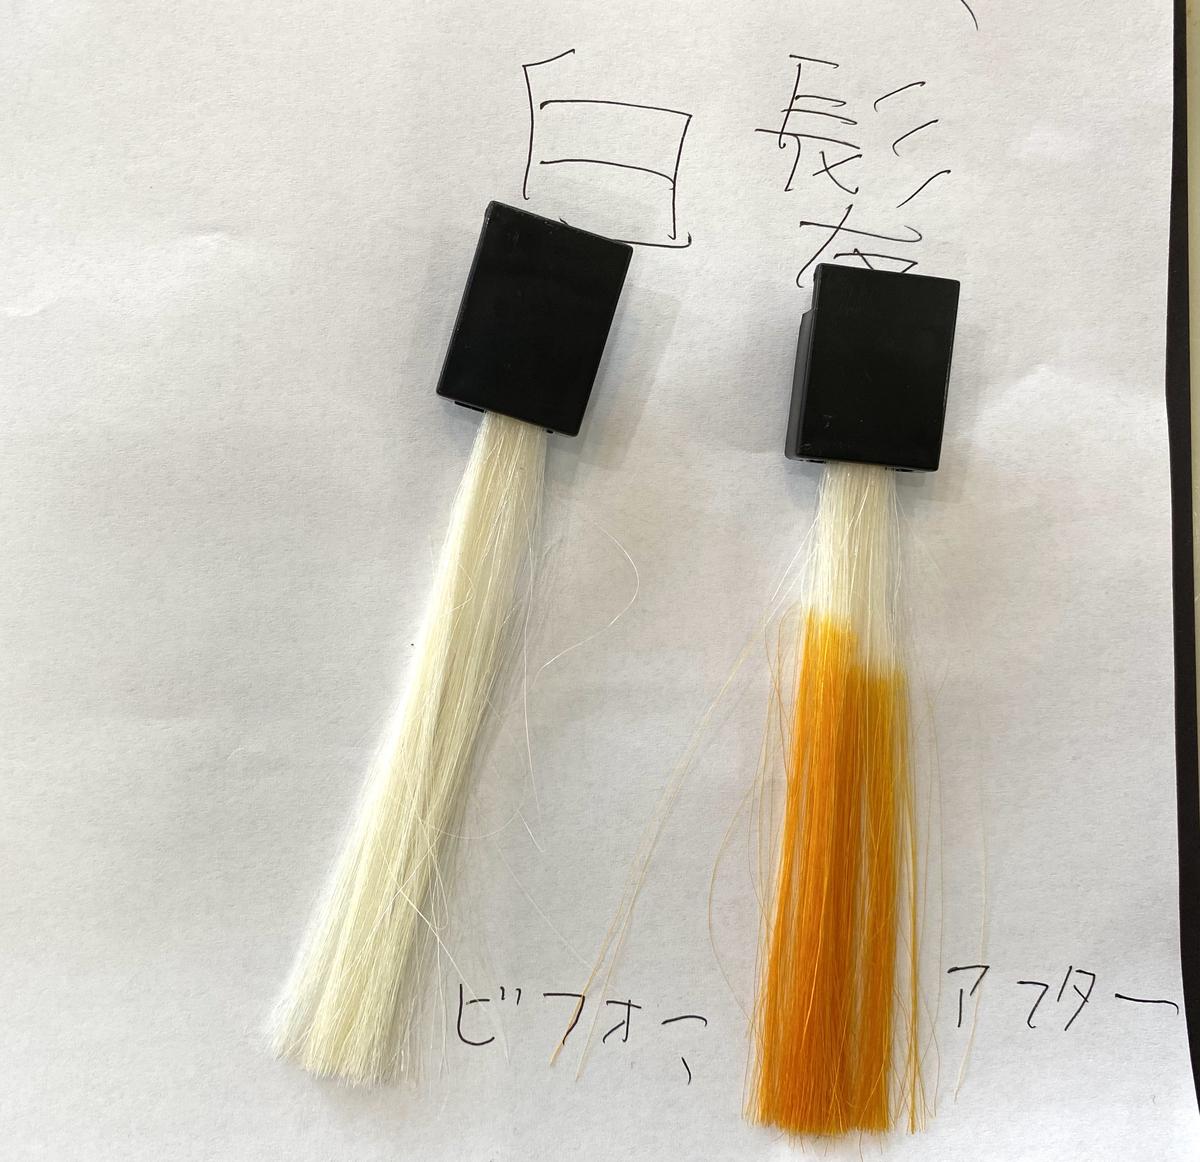 画面左が白髪で画面右が白髪にマンゴーオレンジで染めた毛束